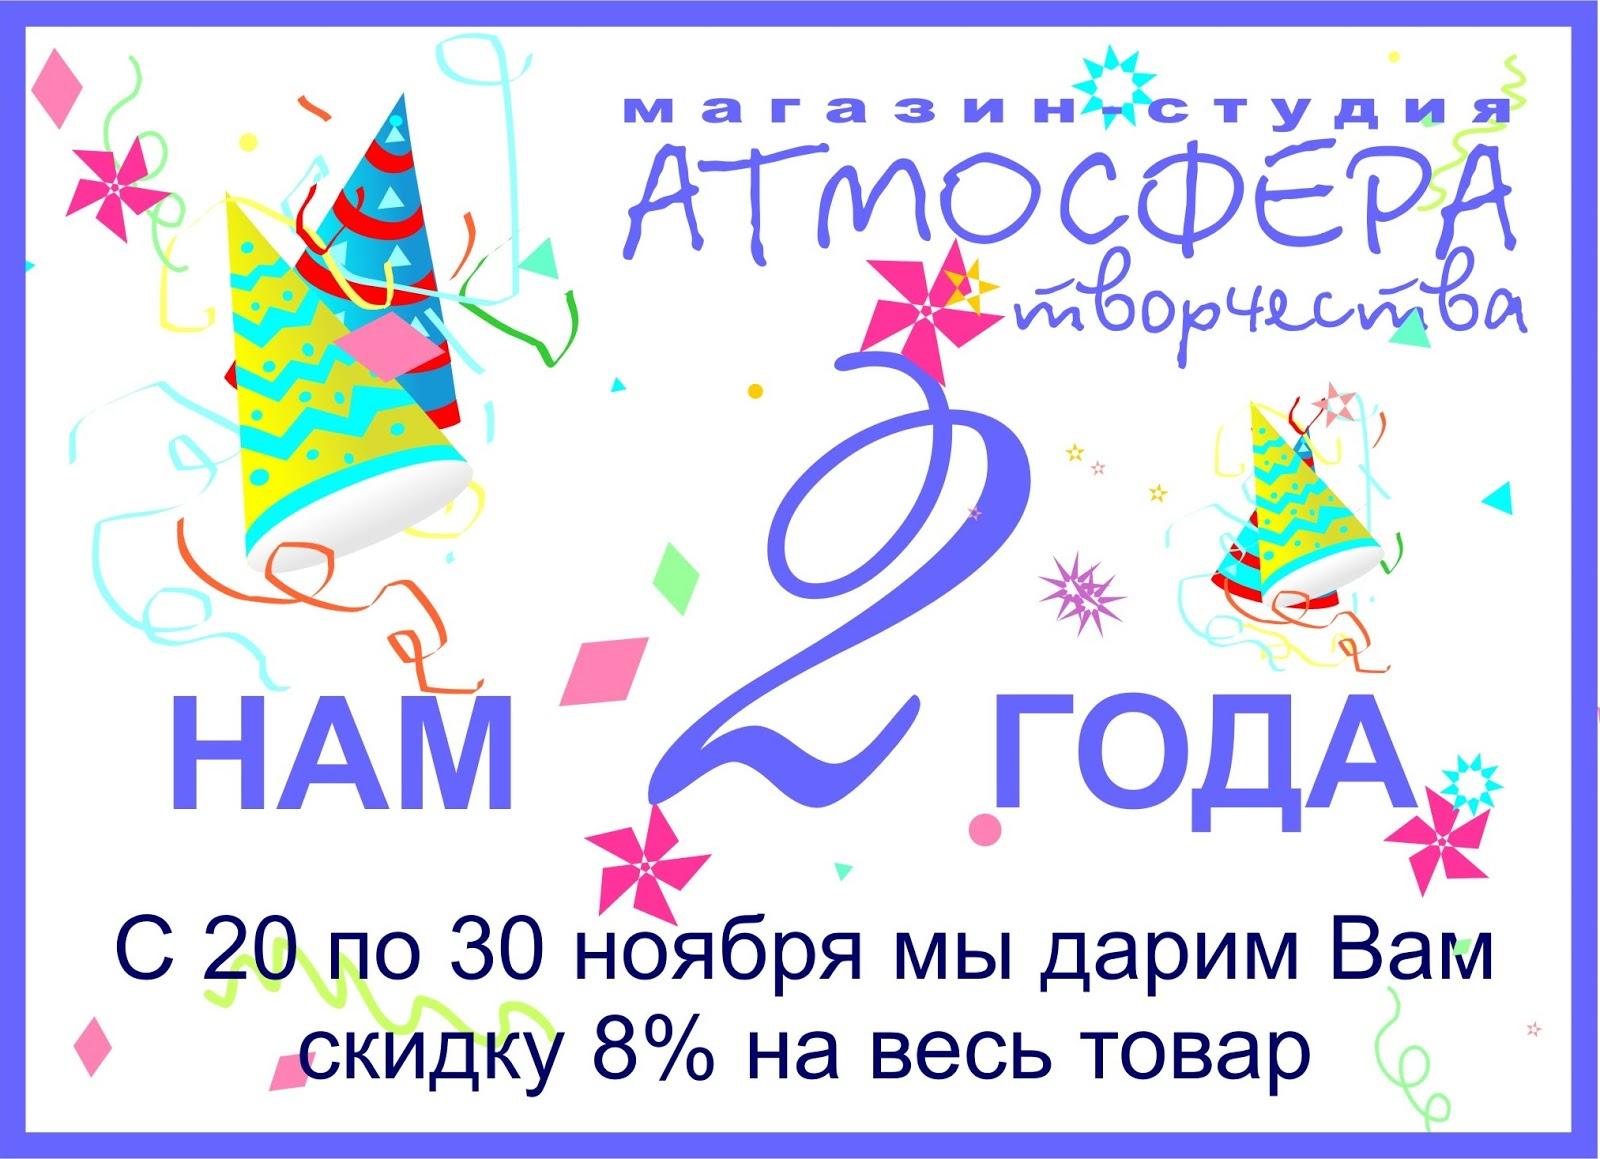 ecbf2b28 Продажа Шевроле нам 2 года скидка Каптива 11 в Москве, 603000рублей, 4wd,  акпп, б/у, дилер АВТОЦЕНТР, 3.2 л. 2 года абсолютной конфиденциальности и  ...